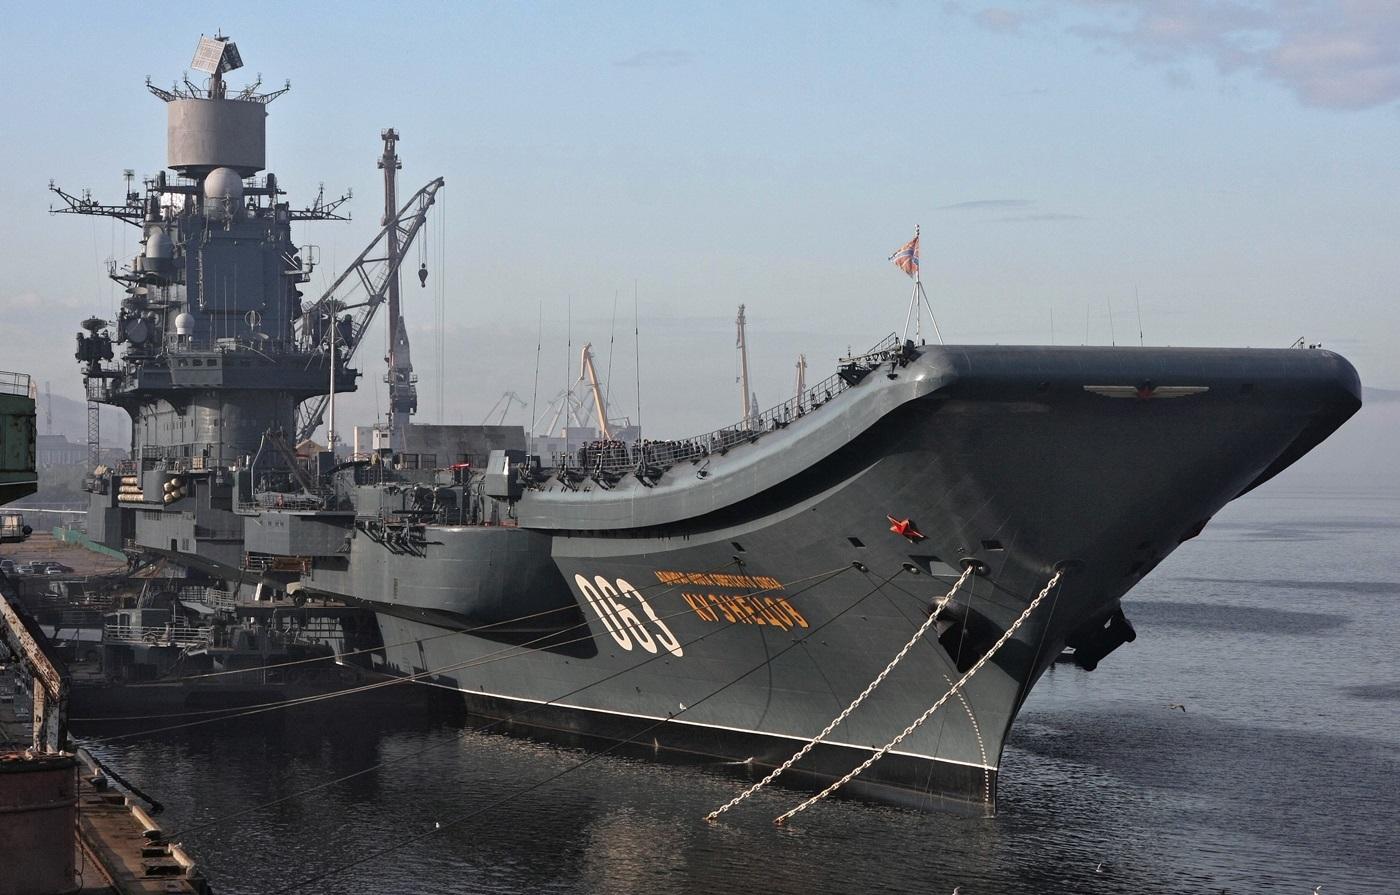 тяжелый авианесущий крейсер ВМФ России «Адмирал флота Советского Союза Н.Г. Кузнецов»